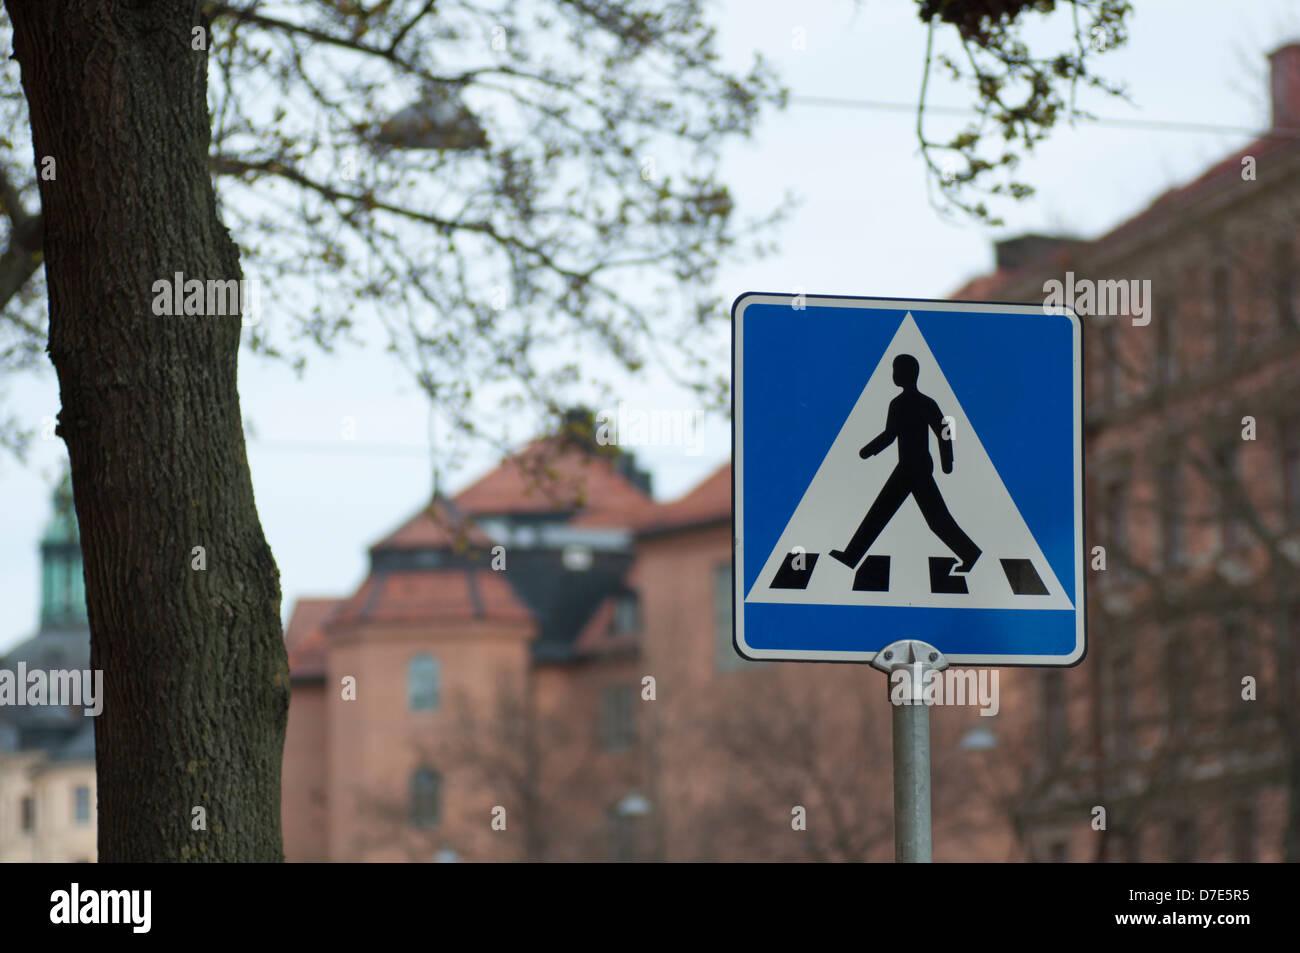 Pedestrian Crossing Sign In Central Stockholm Sweden